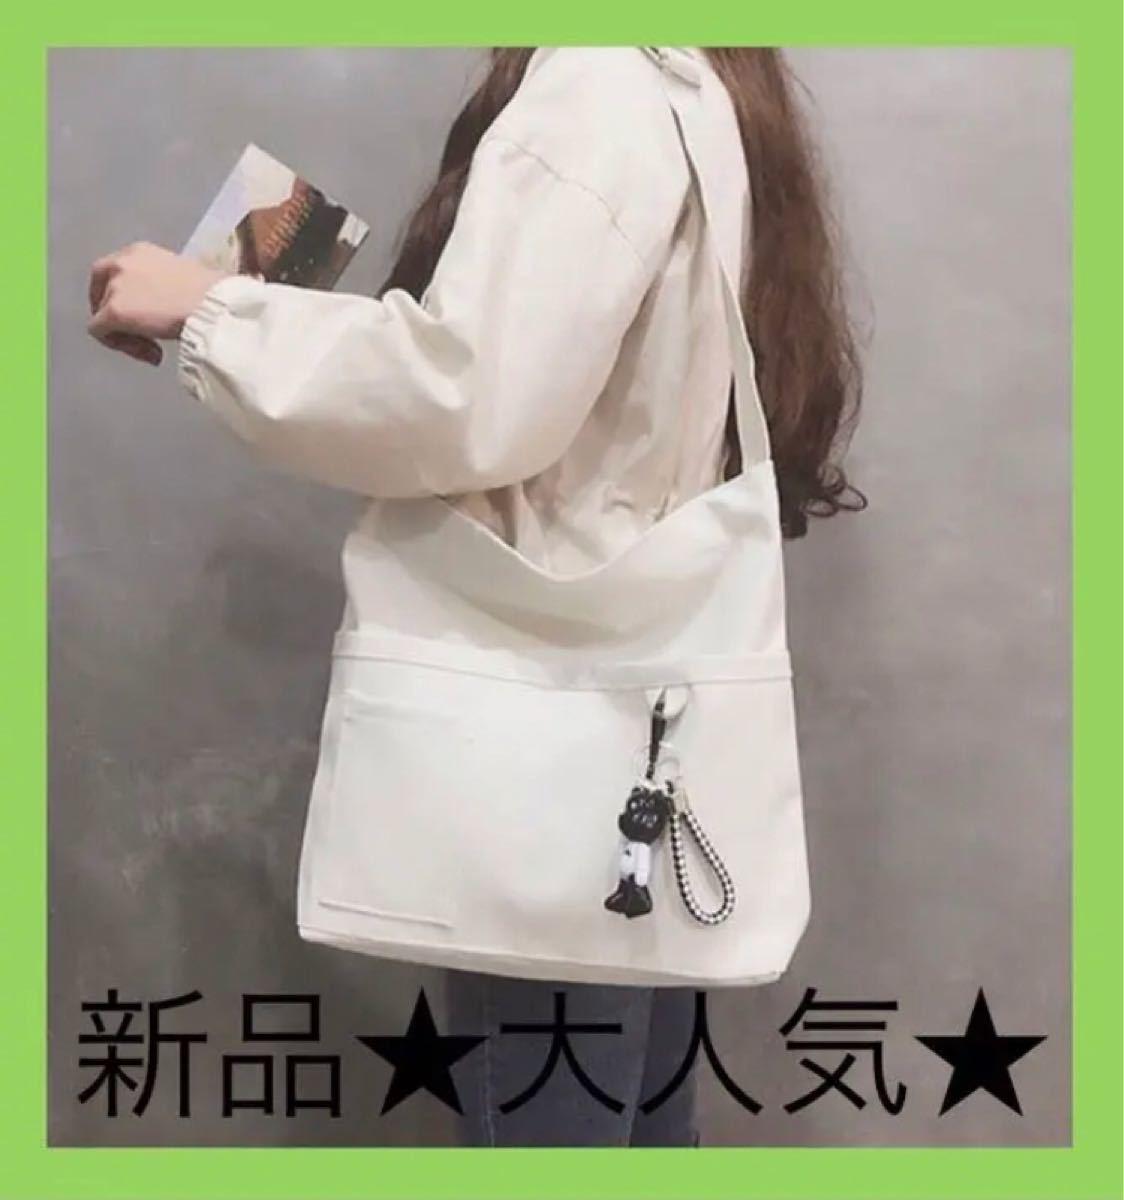 ショルダーバッグ トートバッグ 白 レディースバッグ ホワイト キャンバス  肩掛け 大容量 キャンバスバッグ